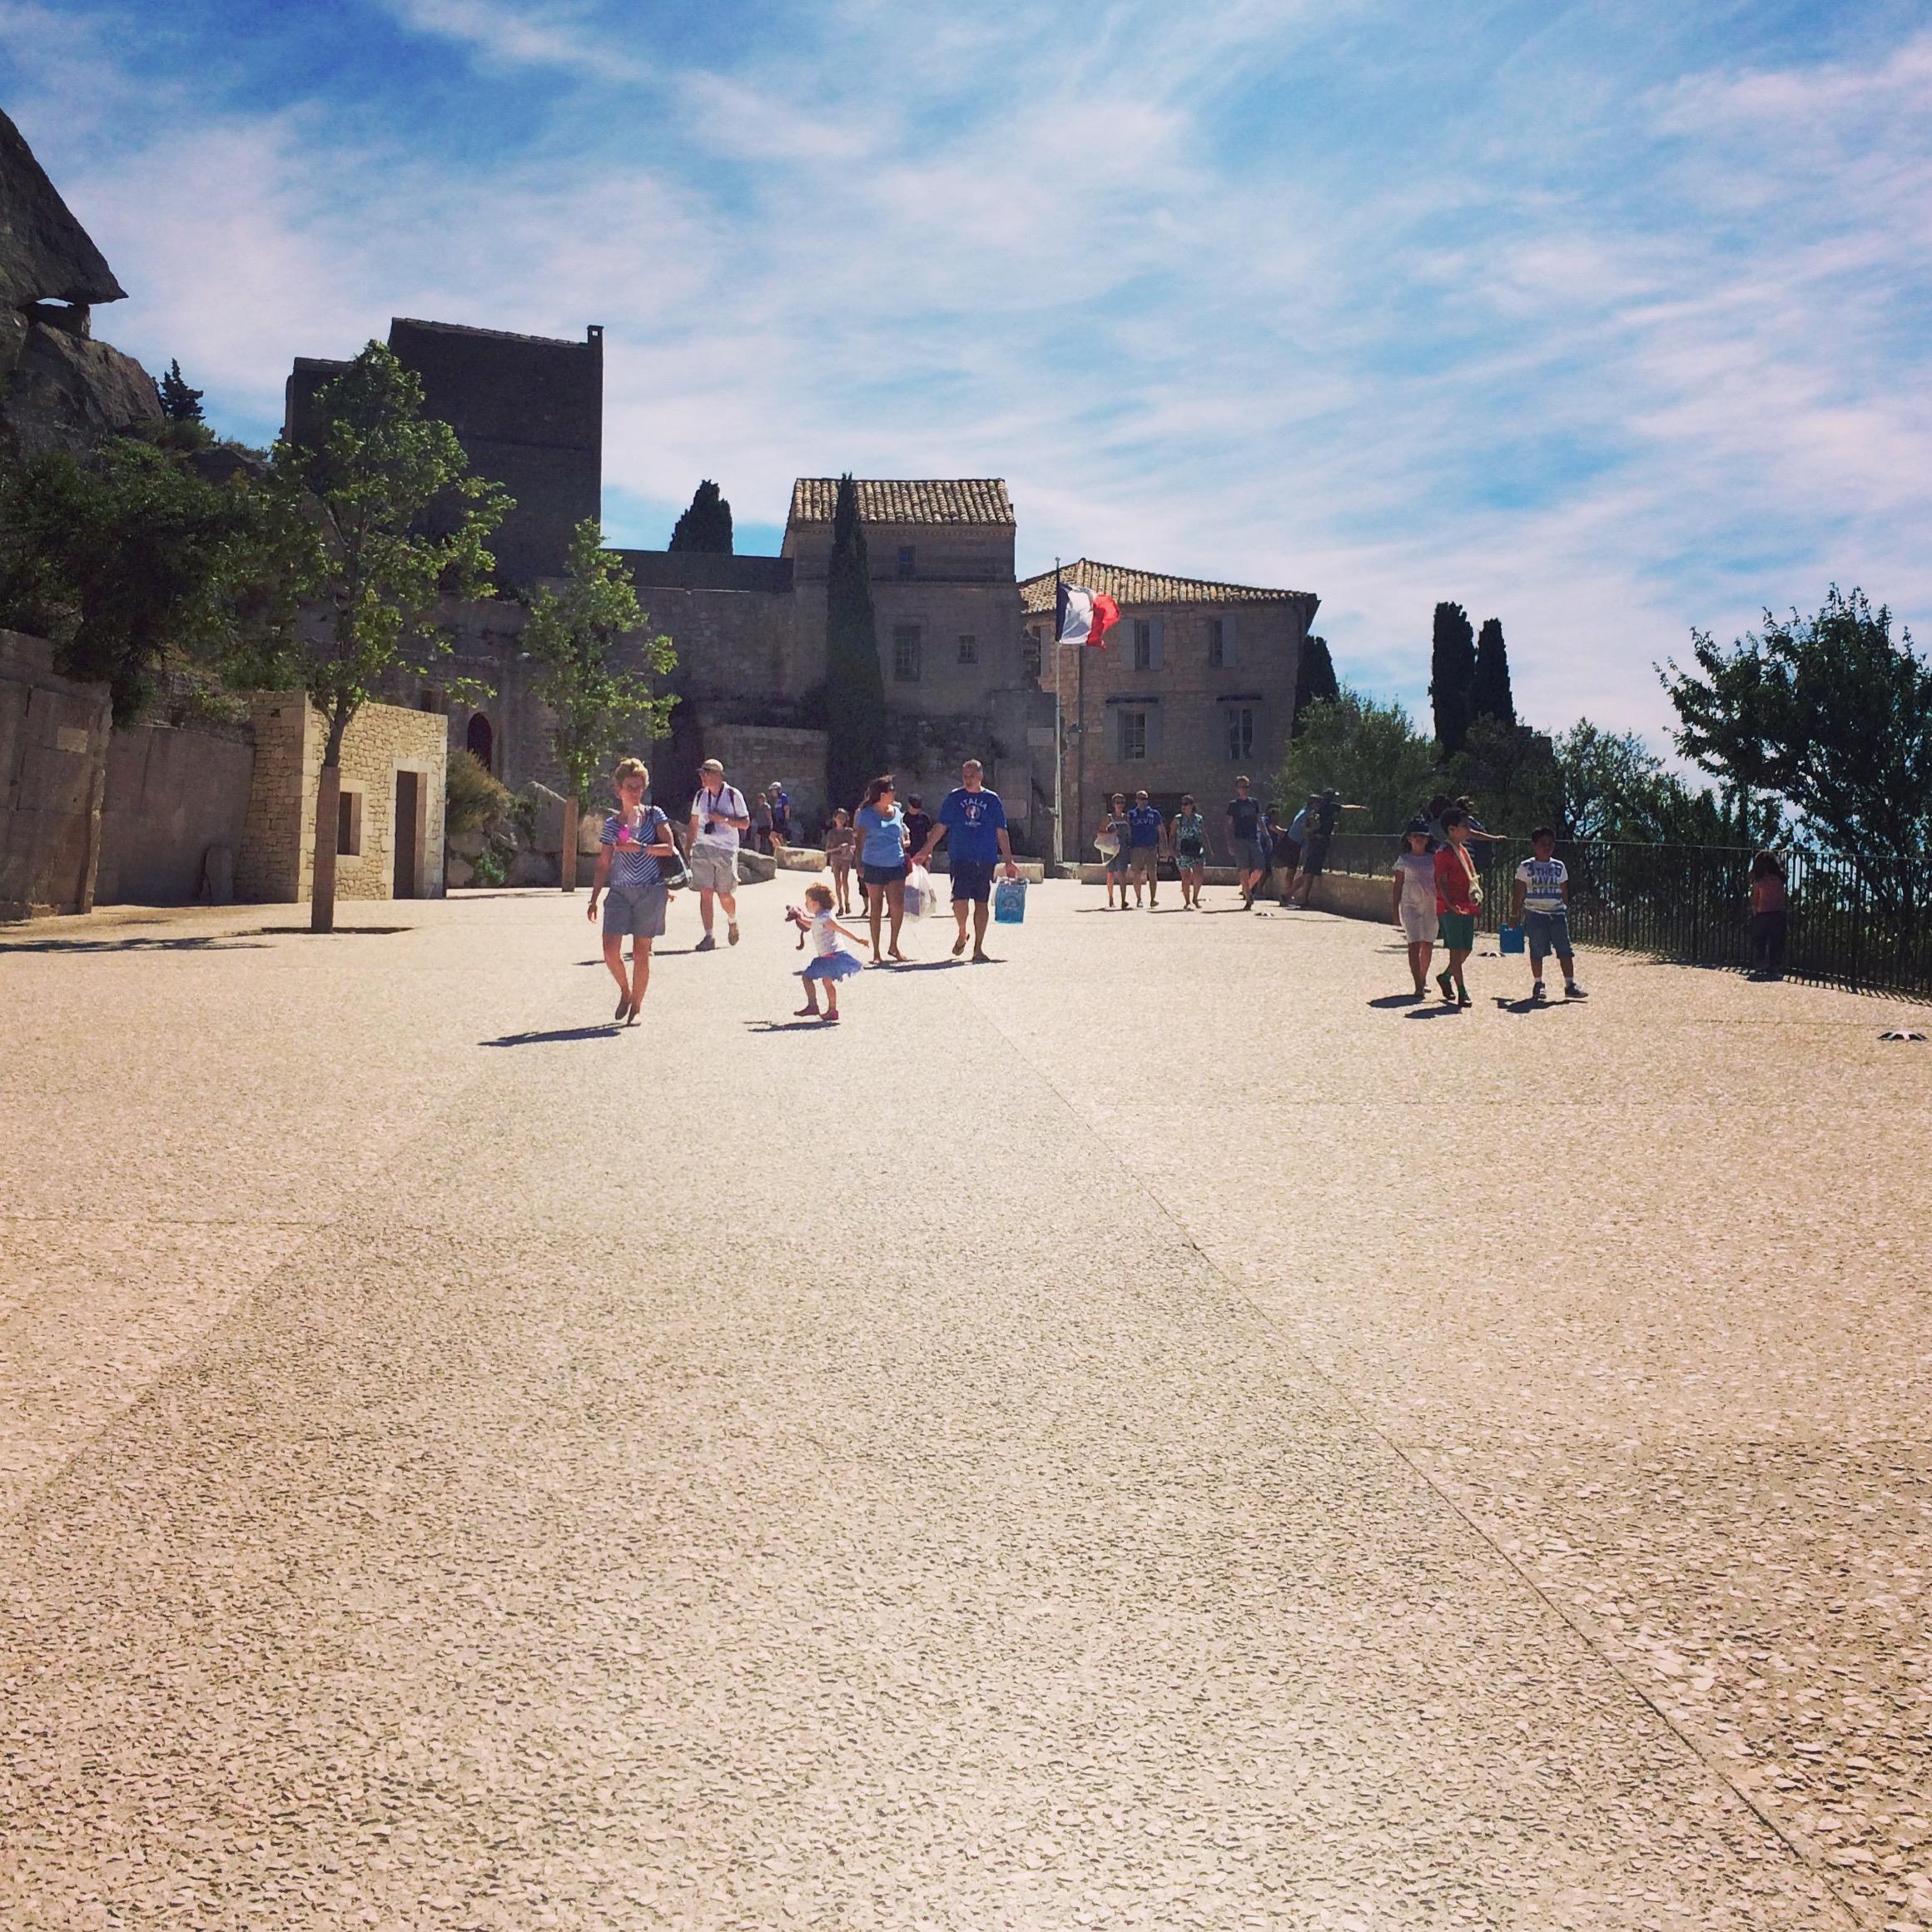 les-baux-de-provence-piazza